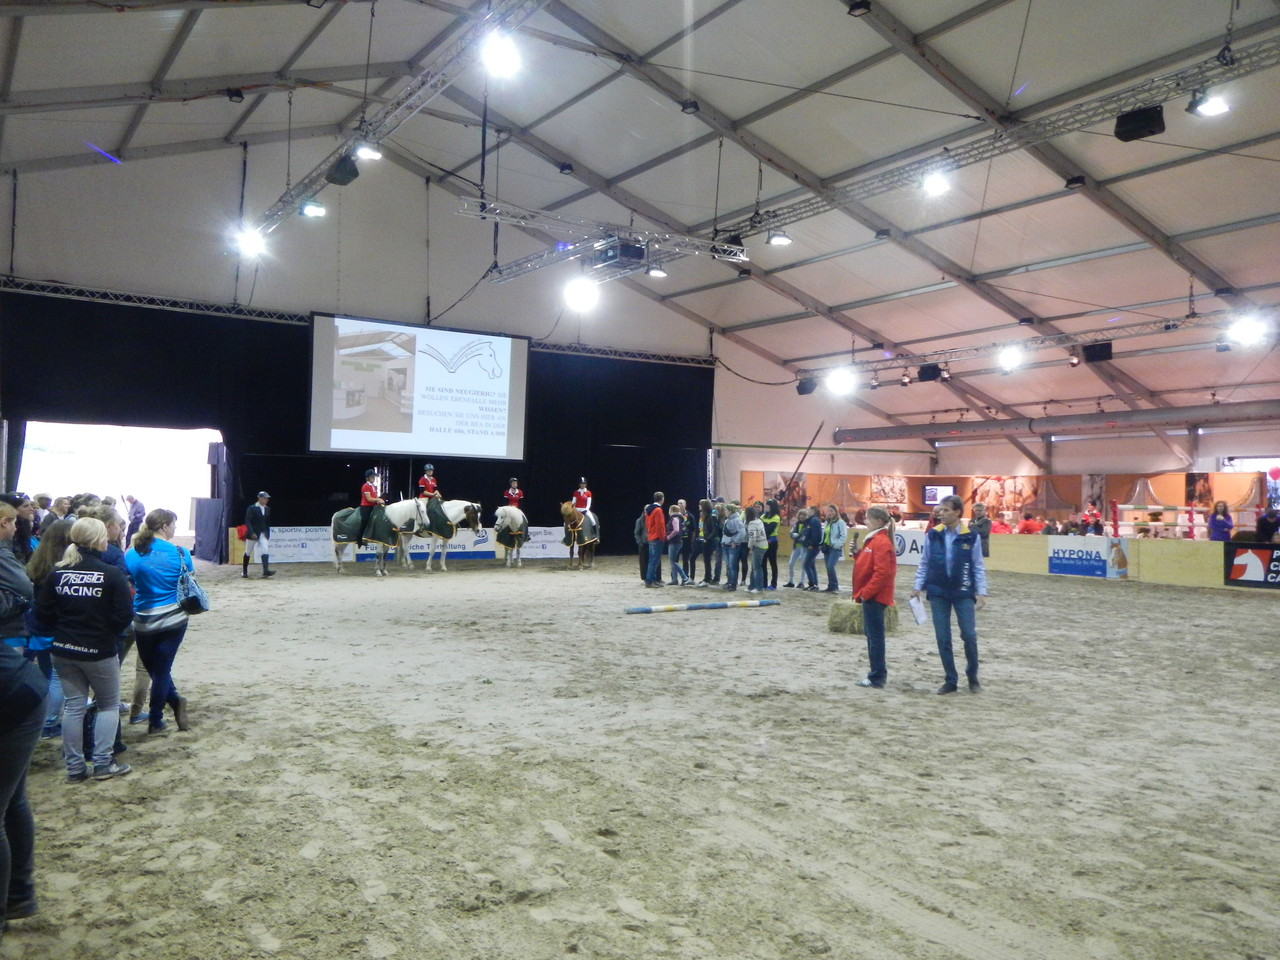 Ein besonderes Projekt im Rahmen der Jugendförderung ermöglichten wir mit einem Sponsoring am Lehrlingswettbewerb der Pferdeberufe.